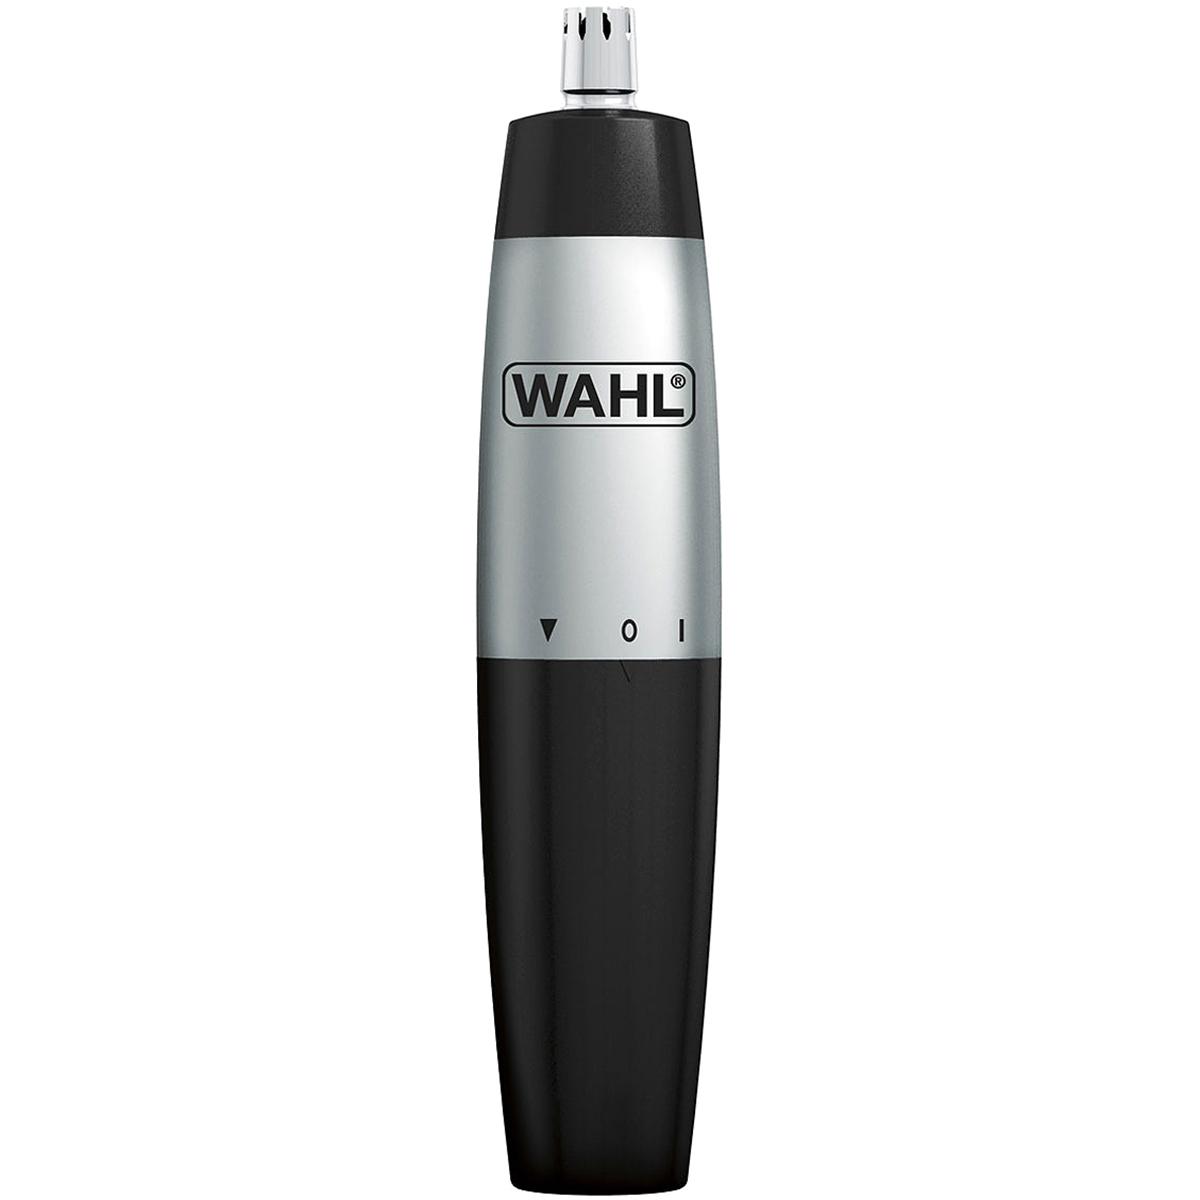 aparador wahl - Aparador de Pêlos Nasal Wahl Mini Trimmer - R$15,99